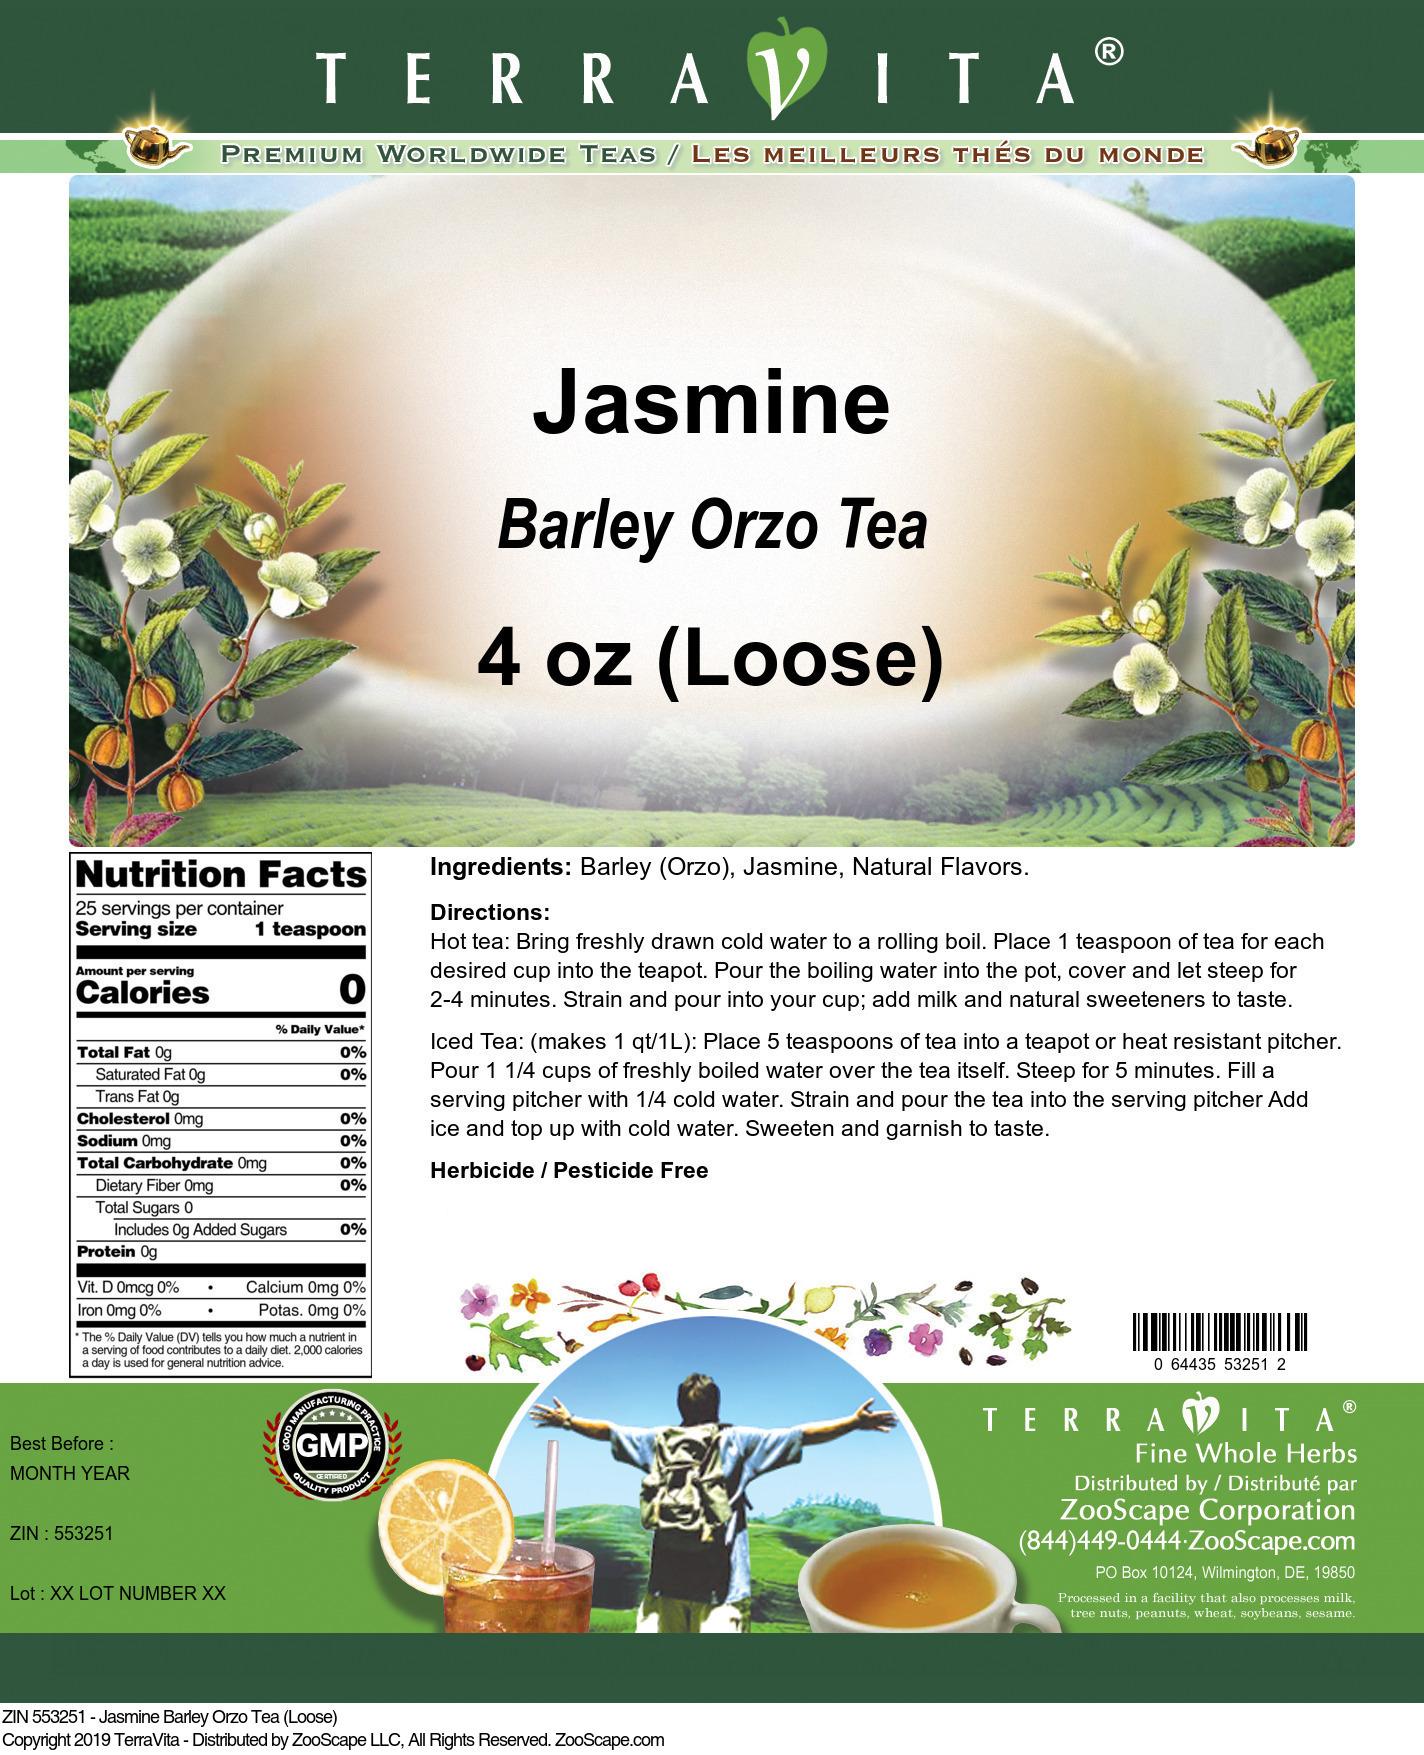 Jasmine Barley Orzo Tea (Loose)